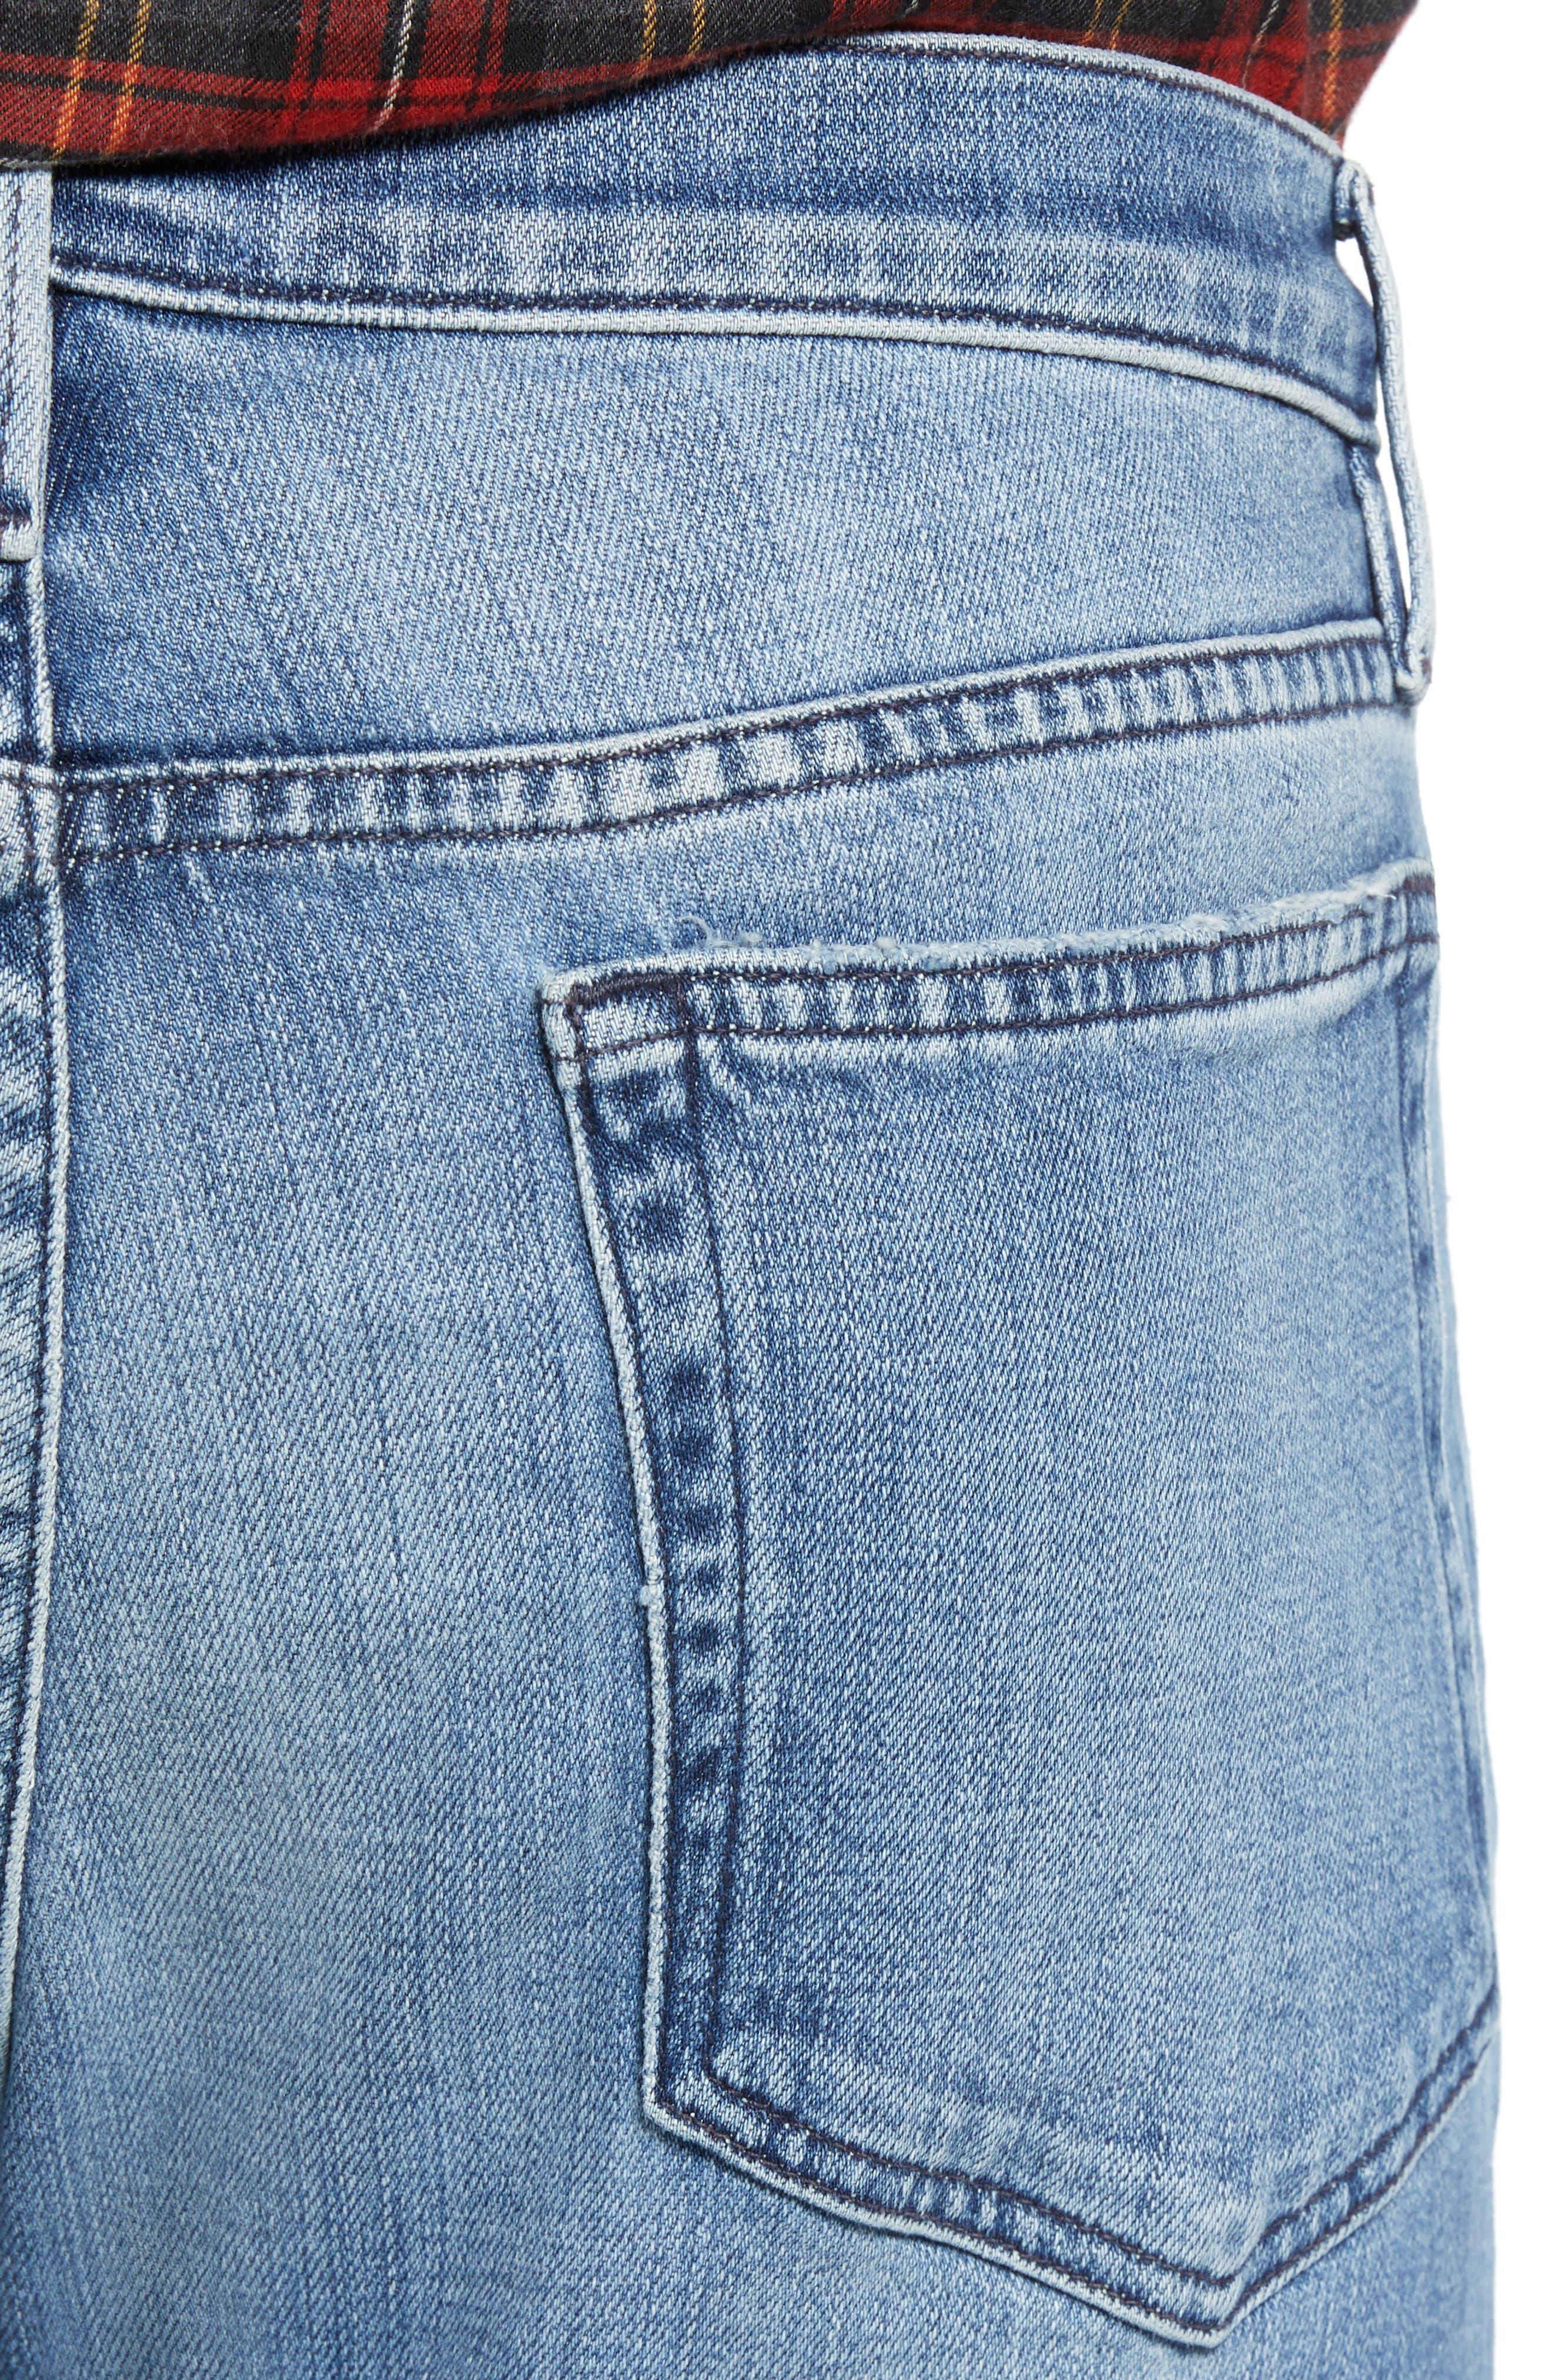 L'Homme Slim Fit Jeans,                             Alternate thumbnail 4, color,                             ARCHES